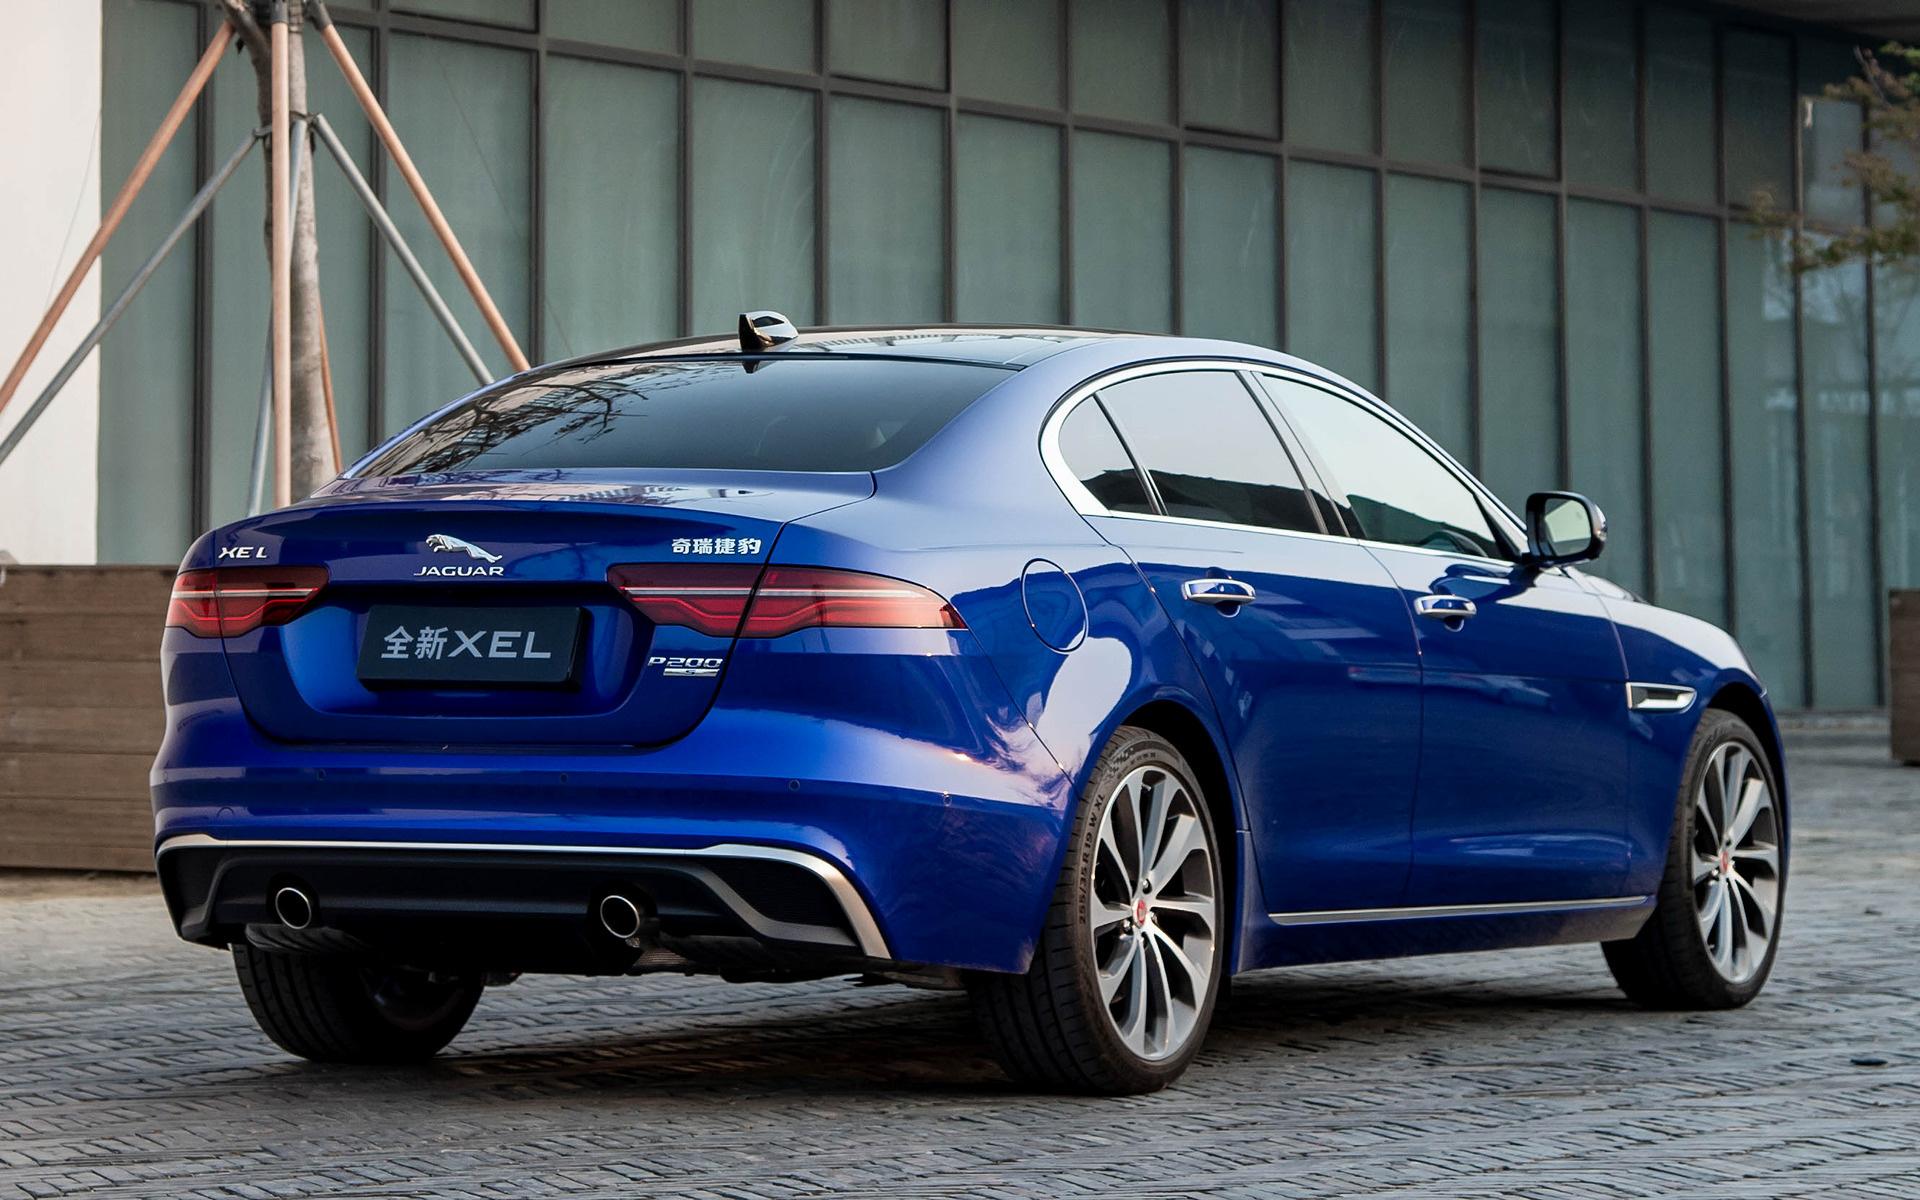 2020 Jaguar Xe L  Cn